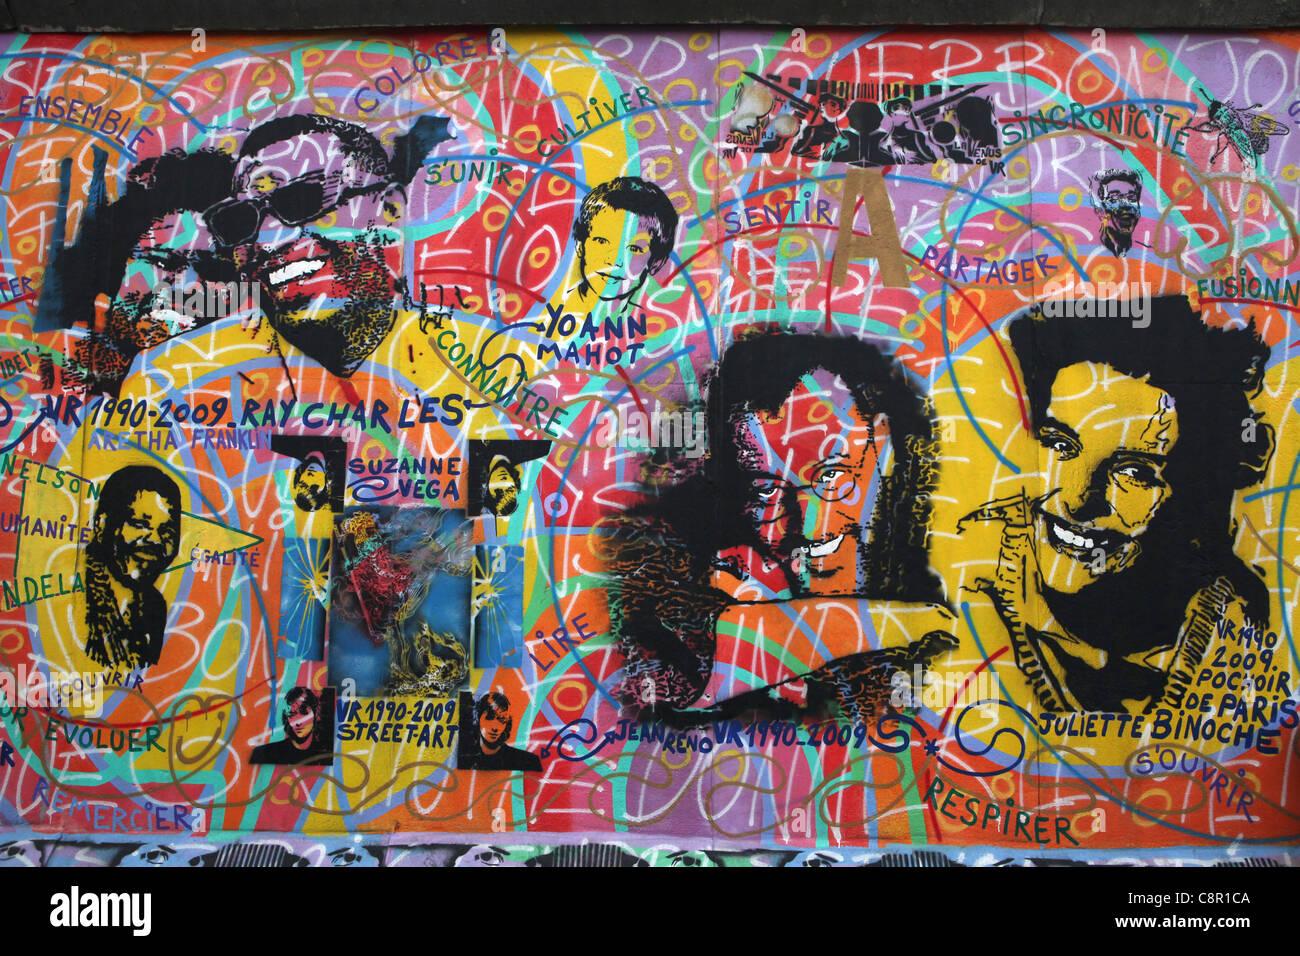 Berlin Wall in East Side Gallery in Berlin, Germany. - Stock Image